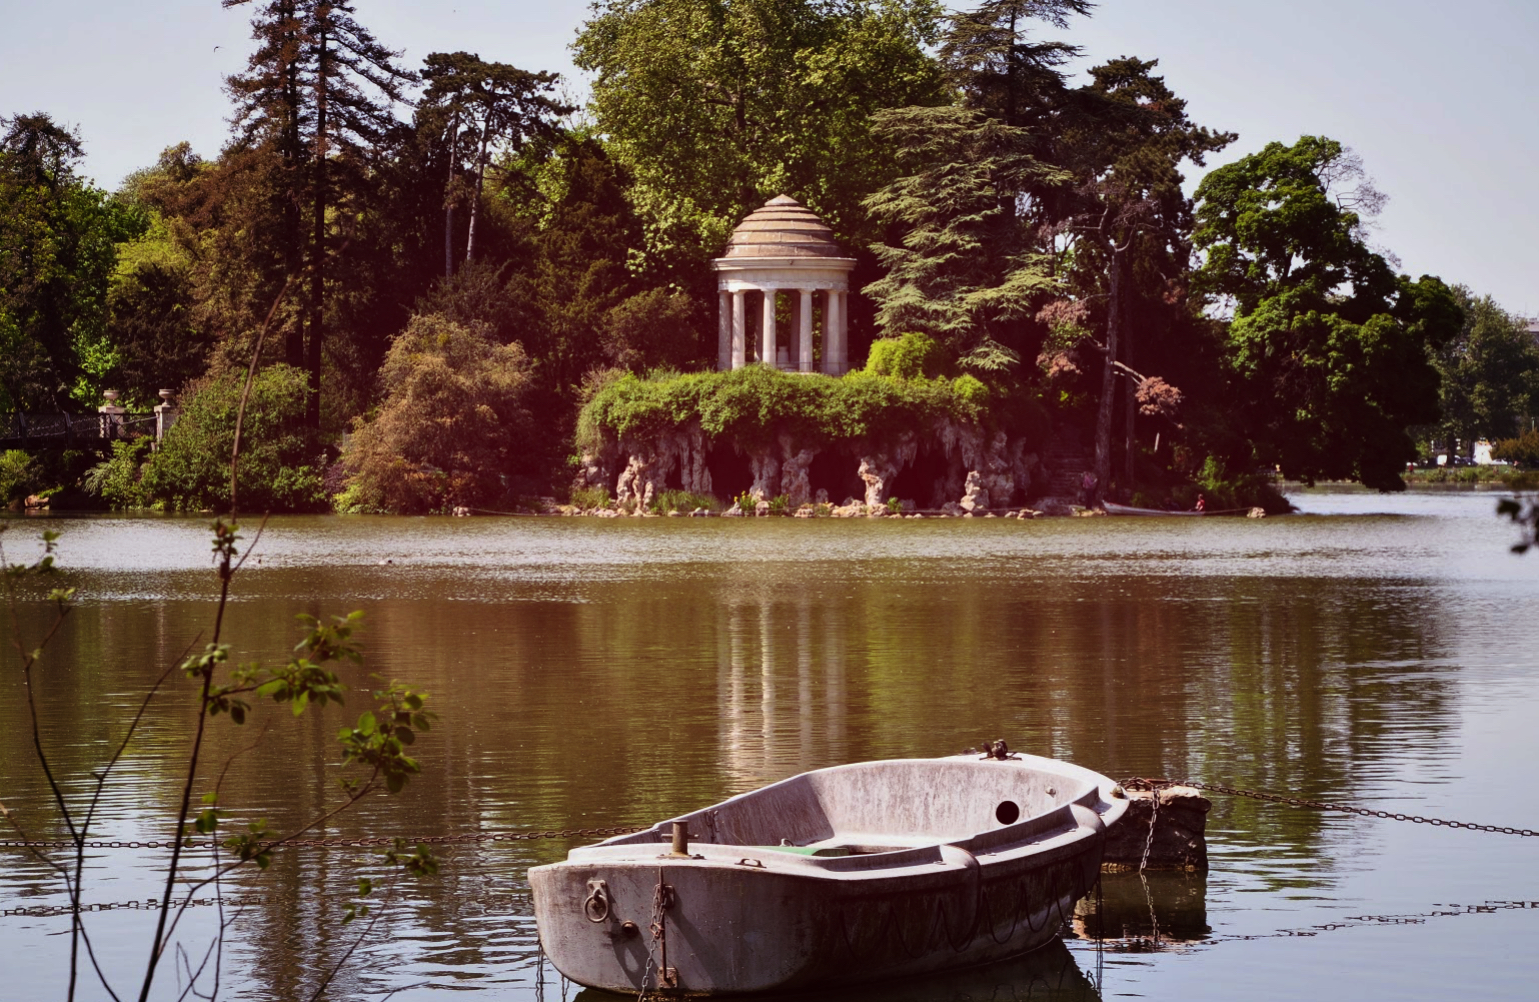 templeboat1_Fotor.jpg